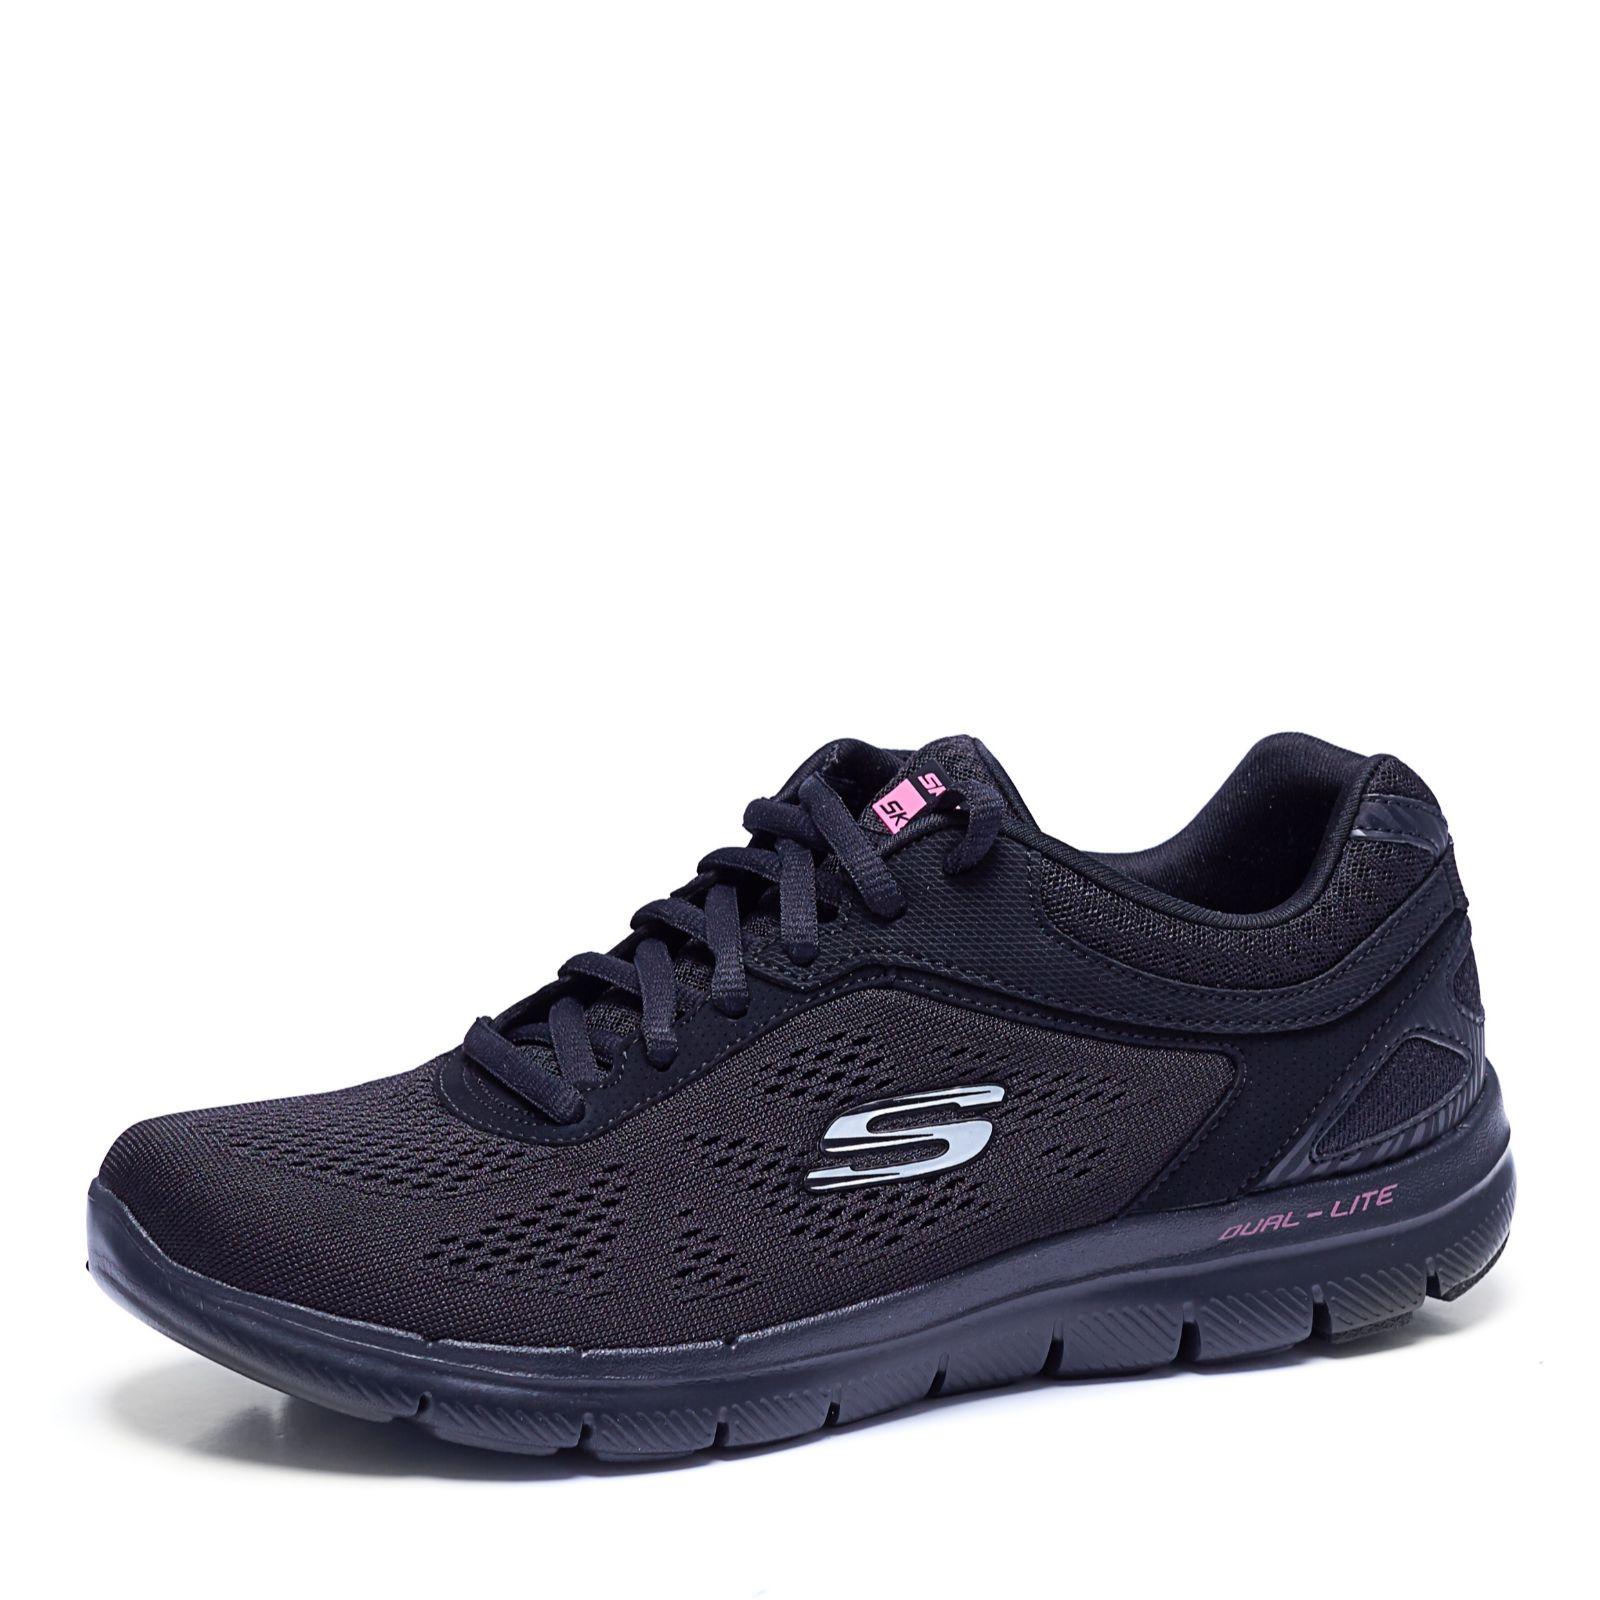 11882127ad6f Skechers Flex Appeal 2.0 Heel Brace Skech Knit Jogger - QVC UK